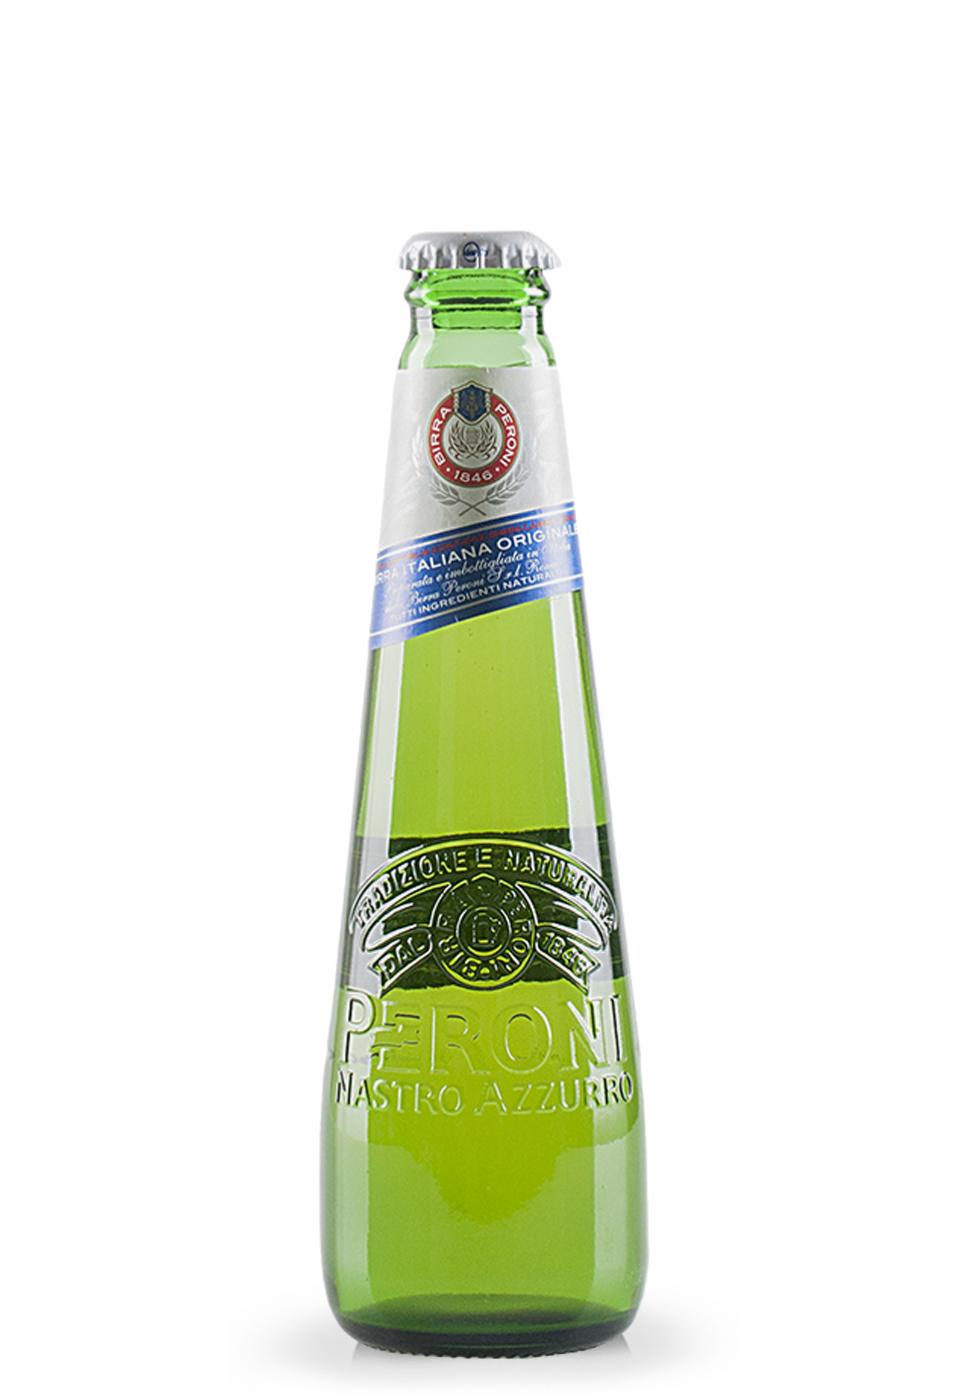 Bere Peroni Piccola Sticla (24x0.25L)